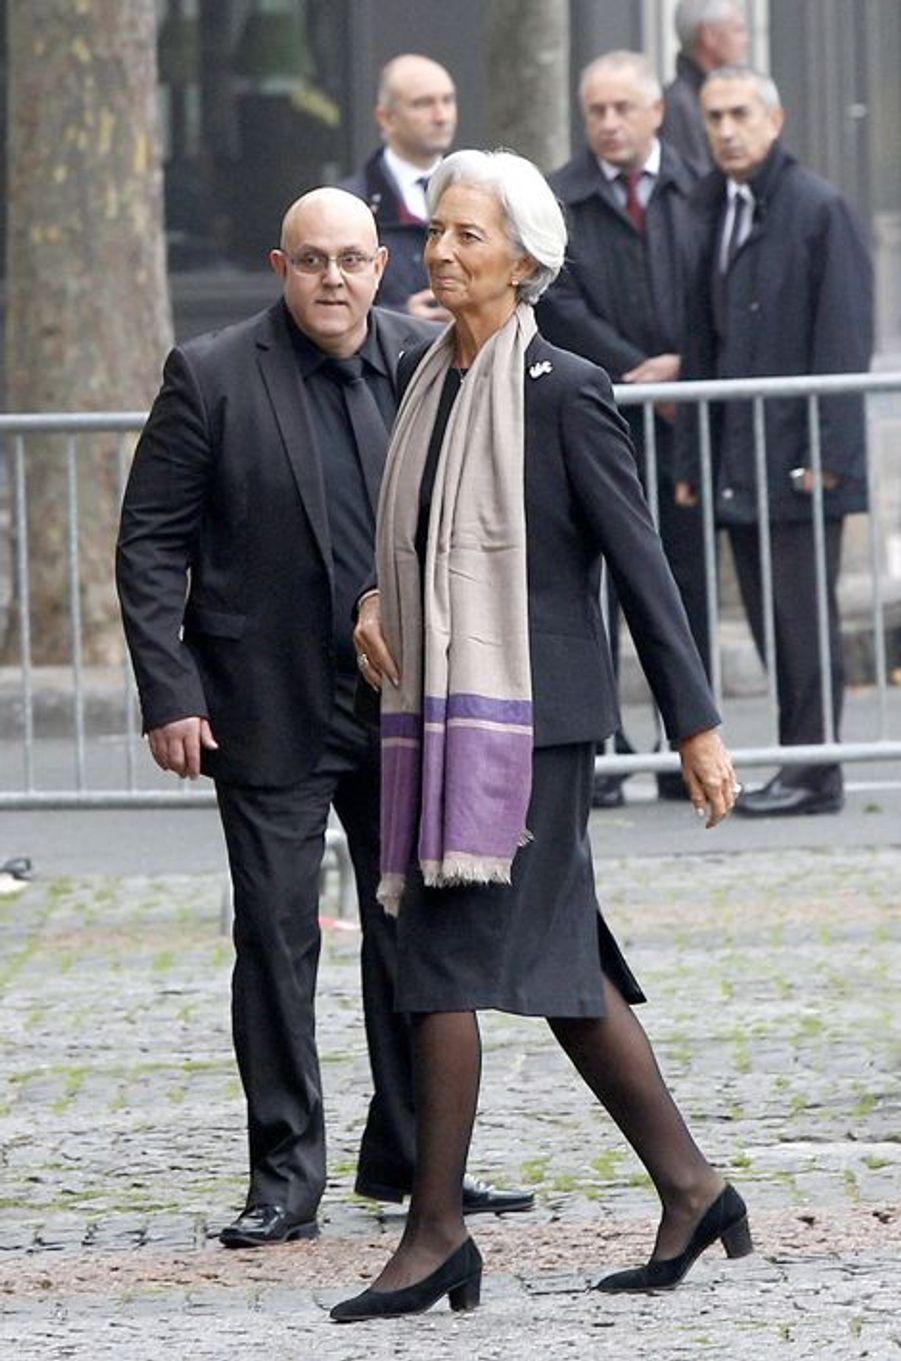 Christine Lagarde à l'hommage à Christophe de Margerie qui a été rendu au sein de l'église Saint-Sulpice à Paris